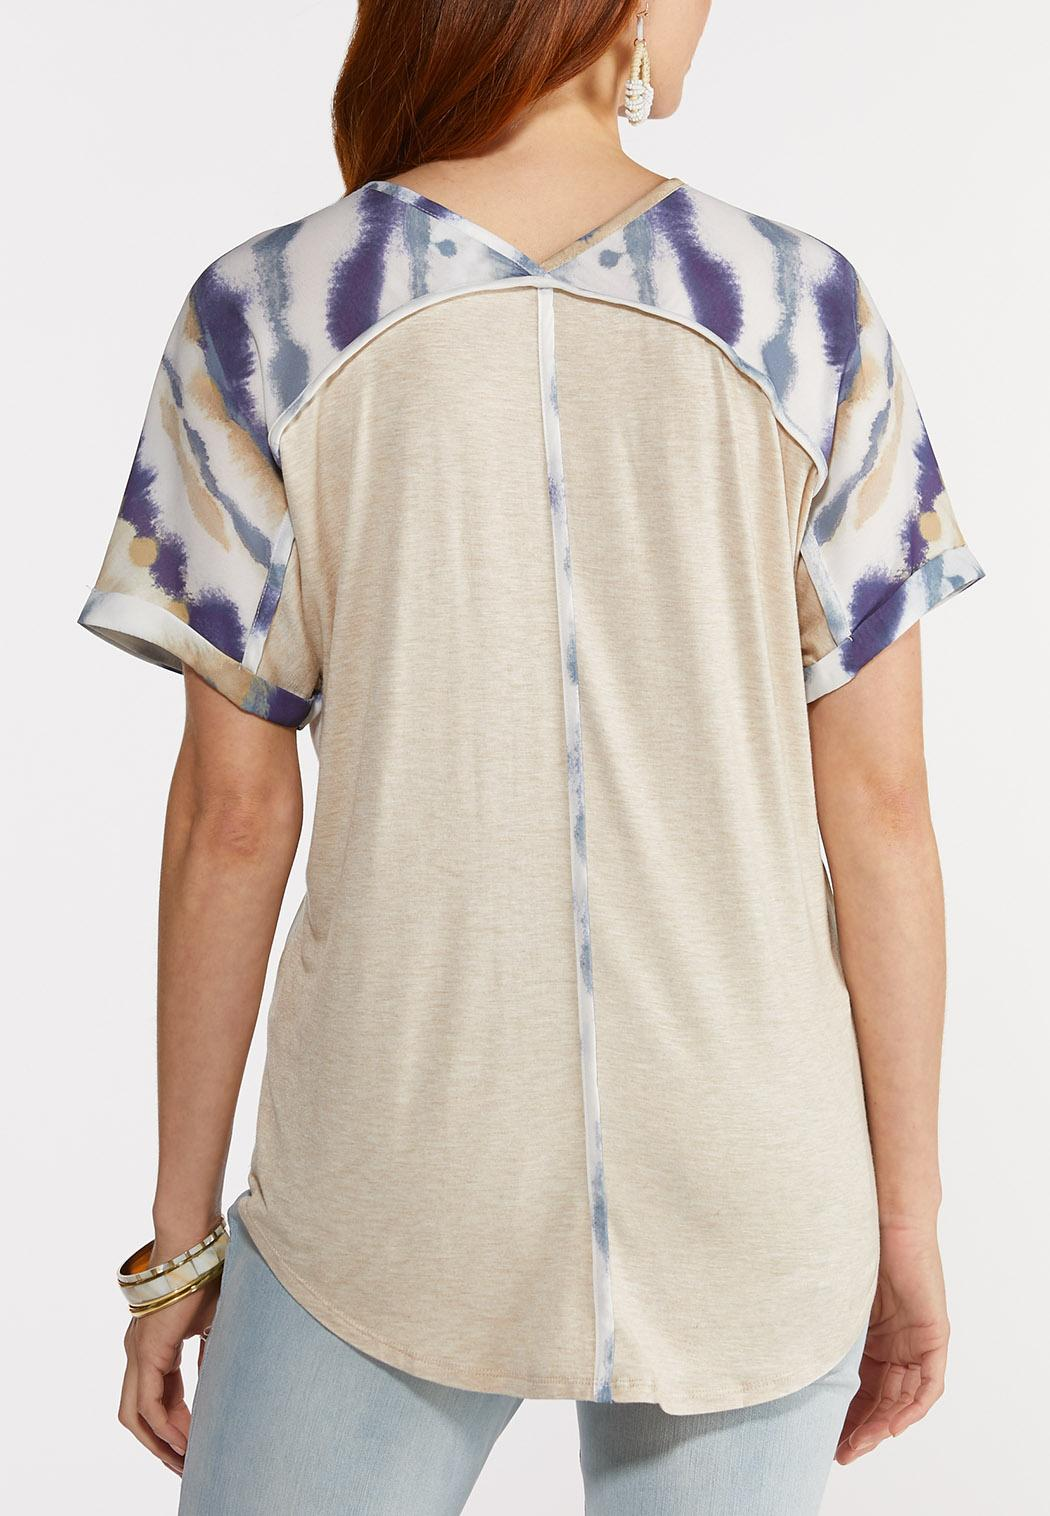 Silky Tie Dye Top (Item #44325758)